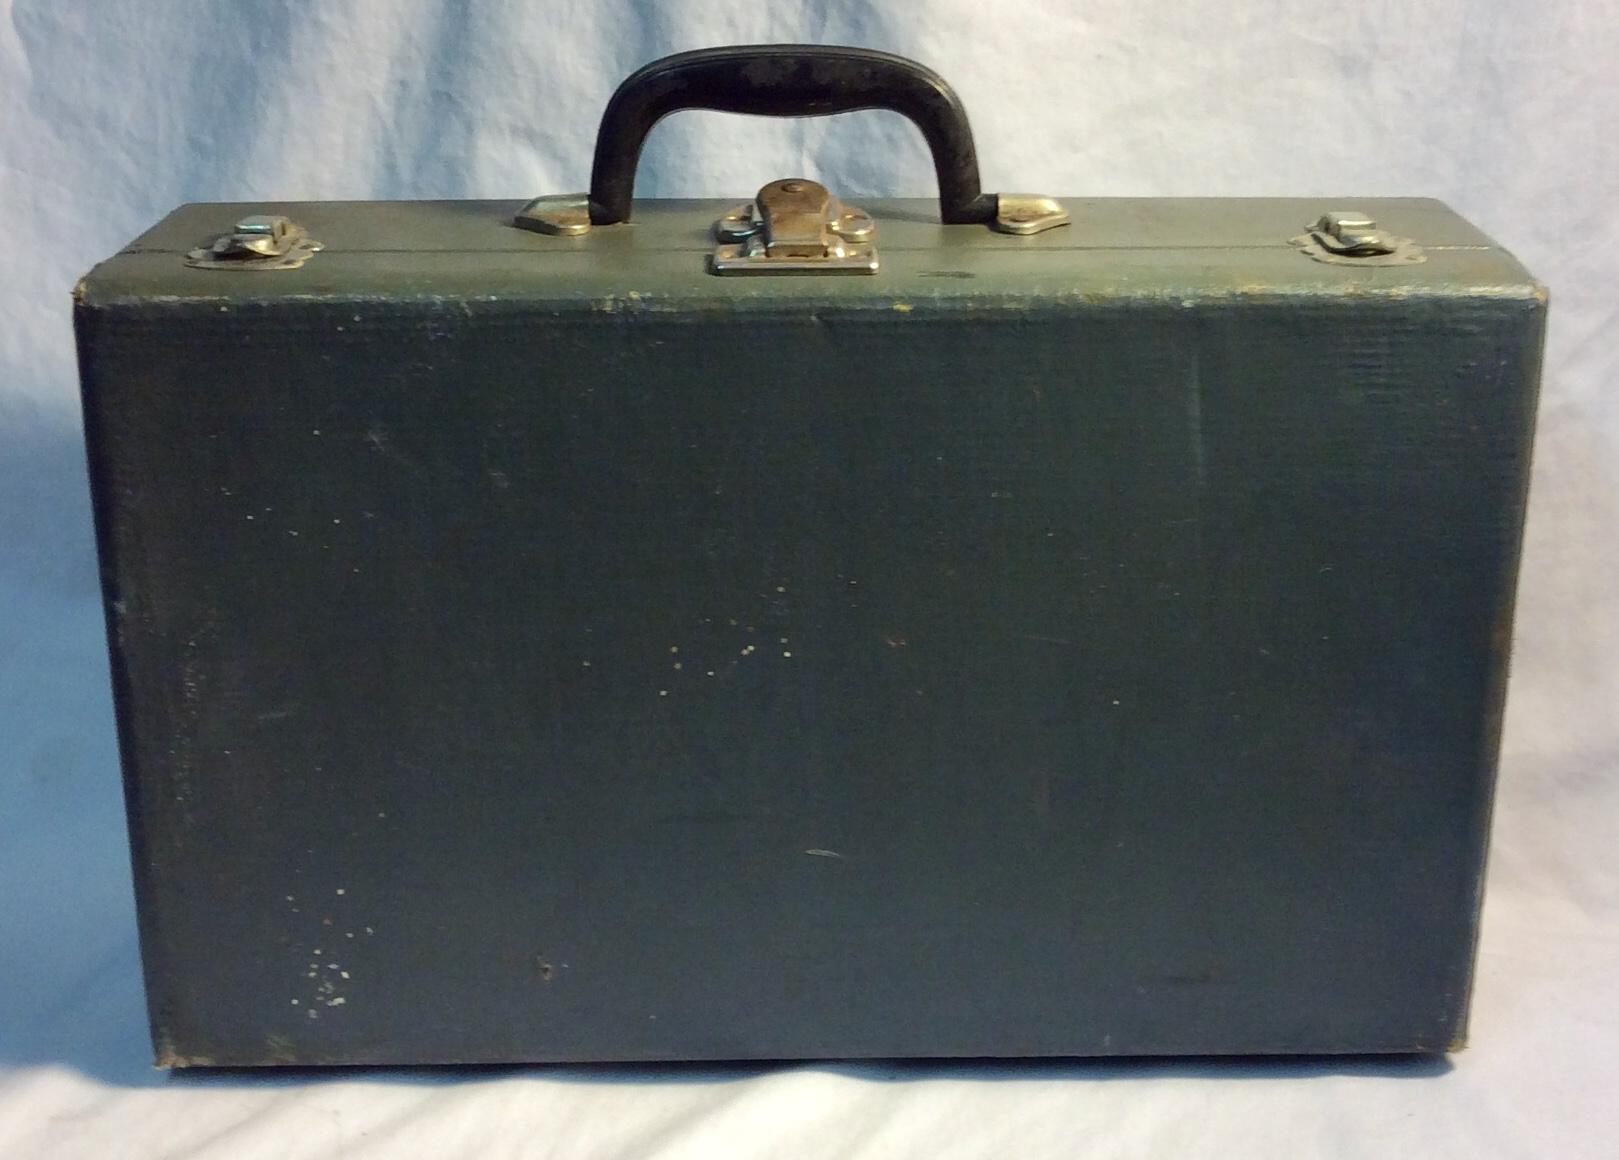 Vintage olive green briefcase